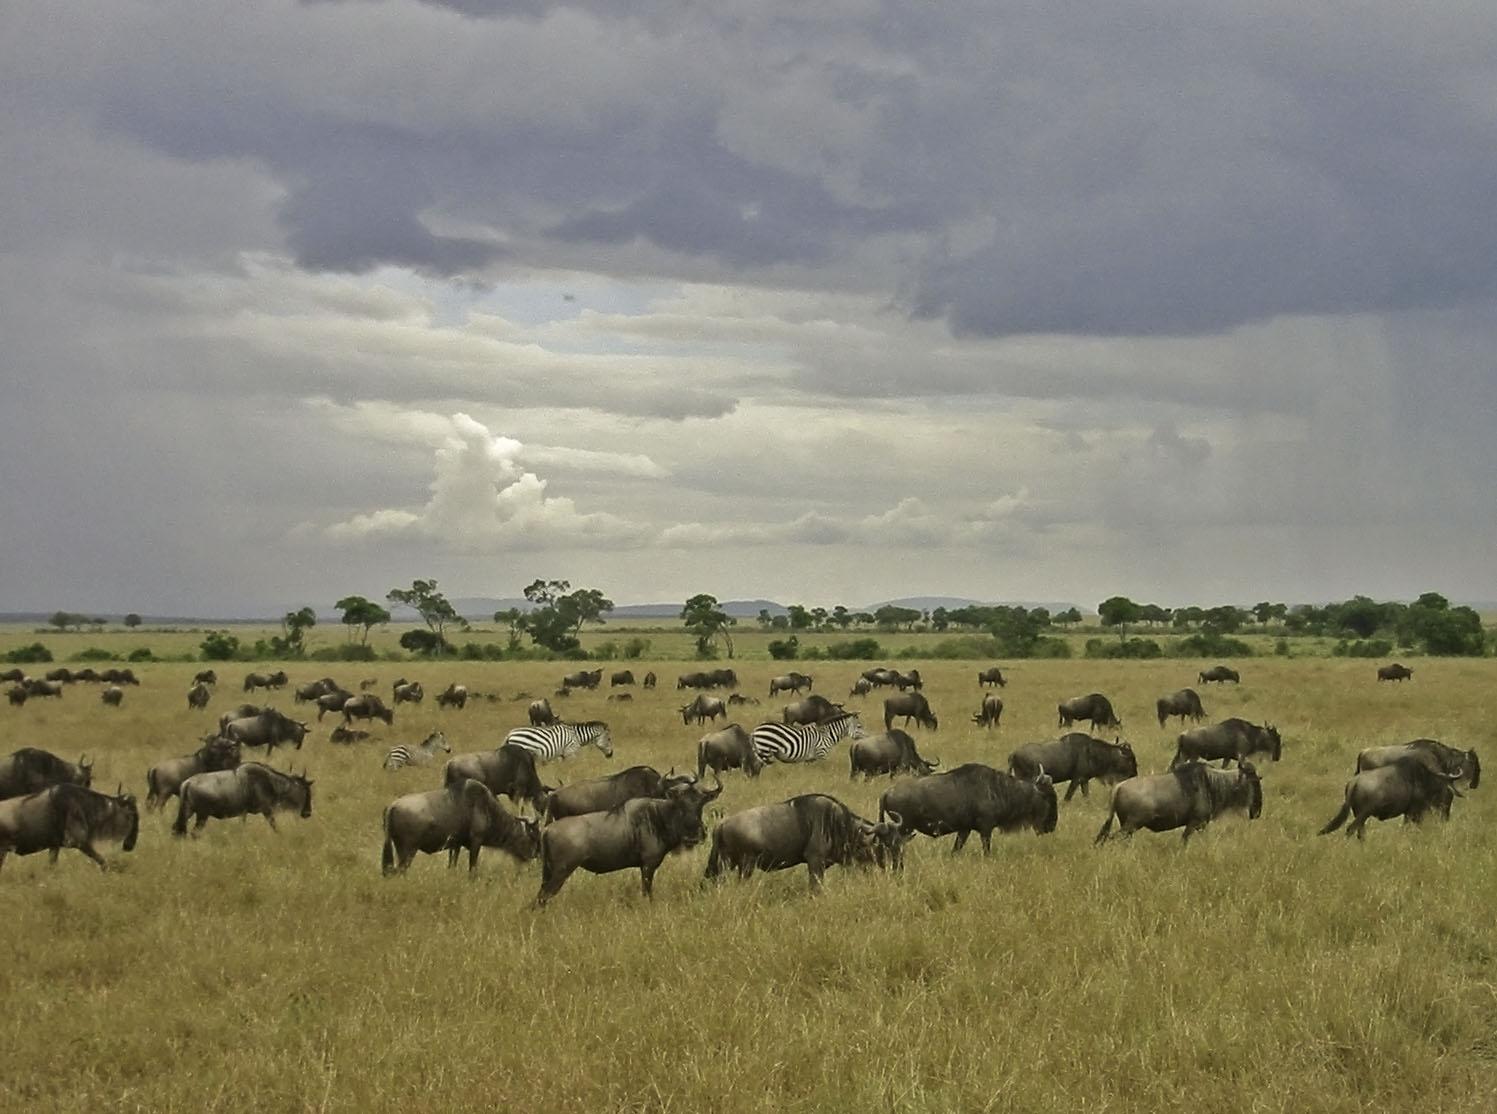 Africa Kenya Masai Mara Wildebeest Zebra